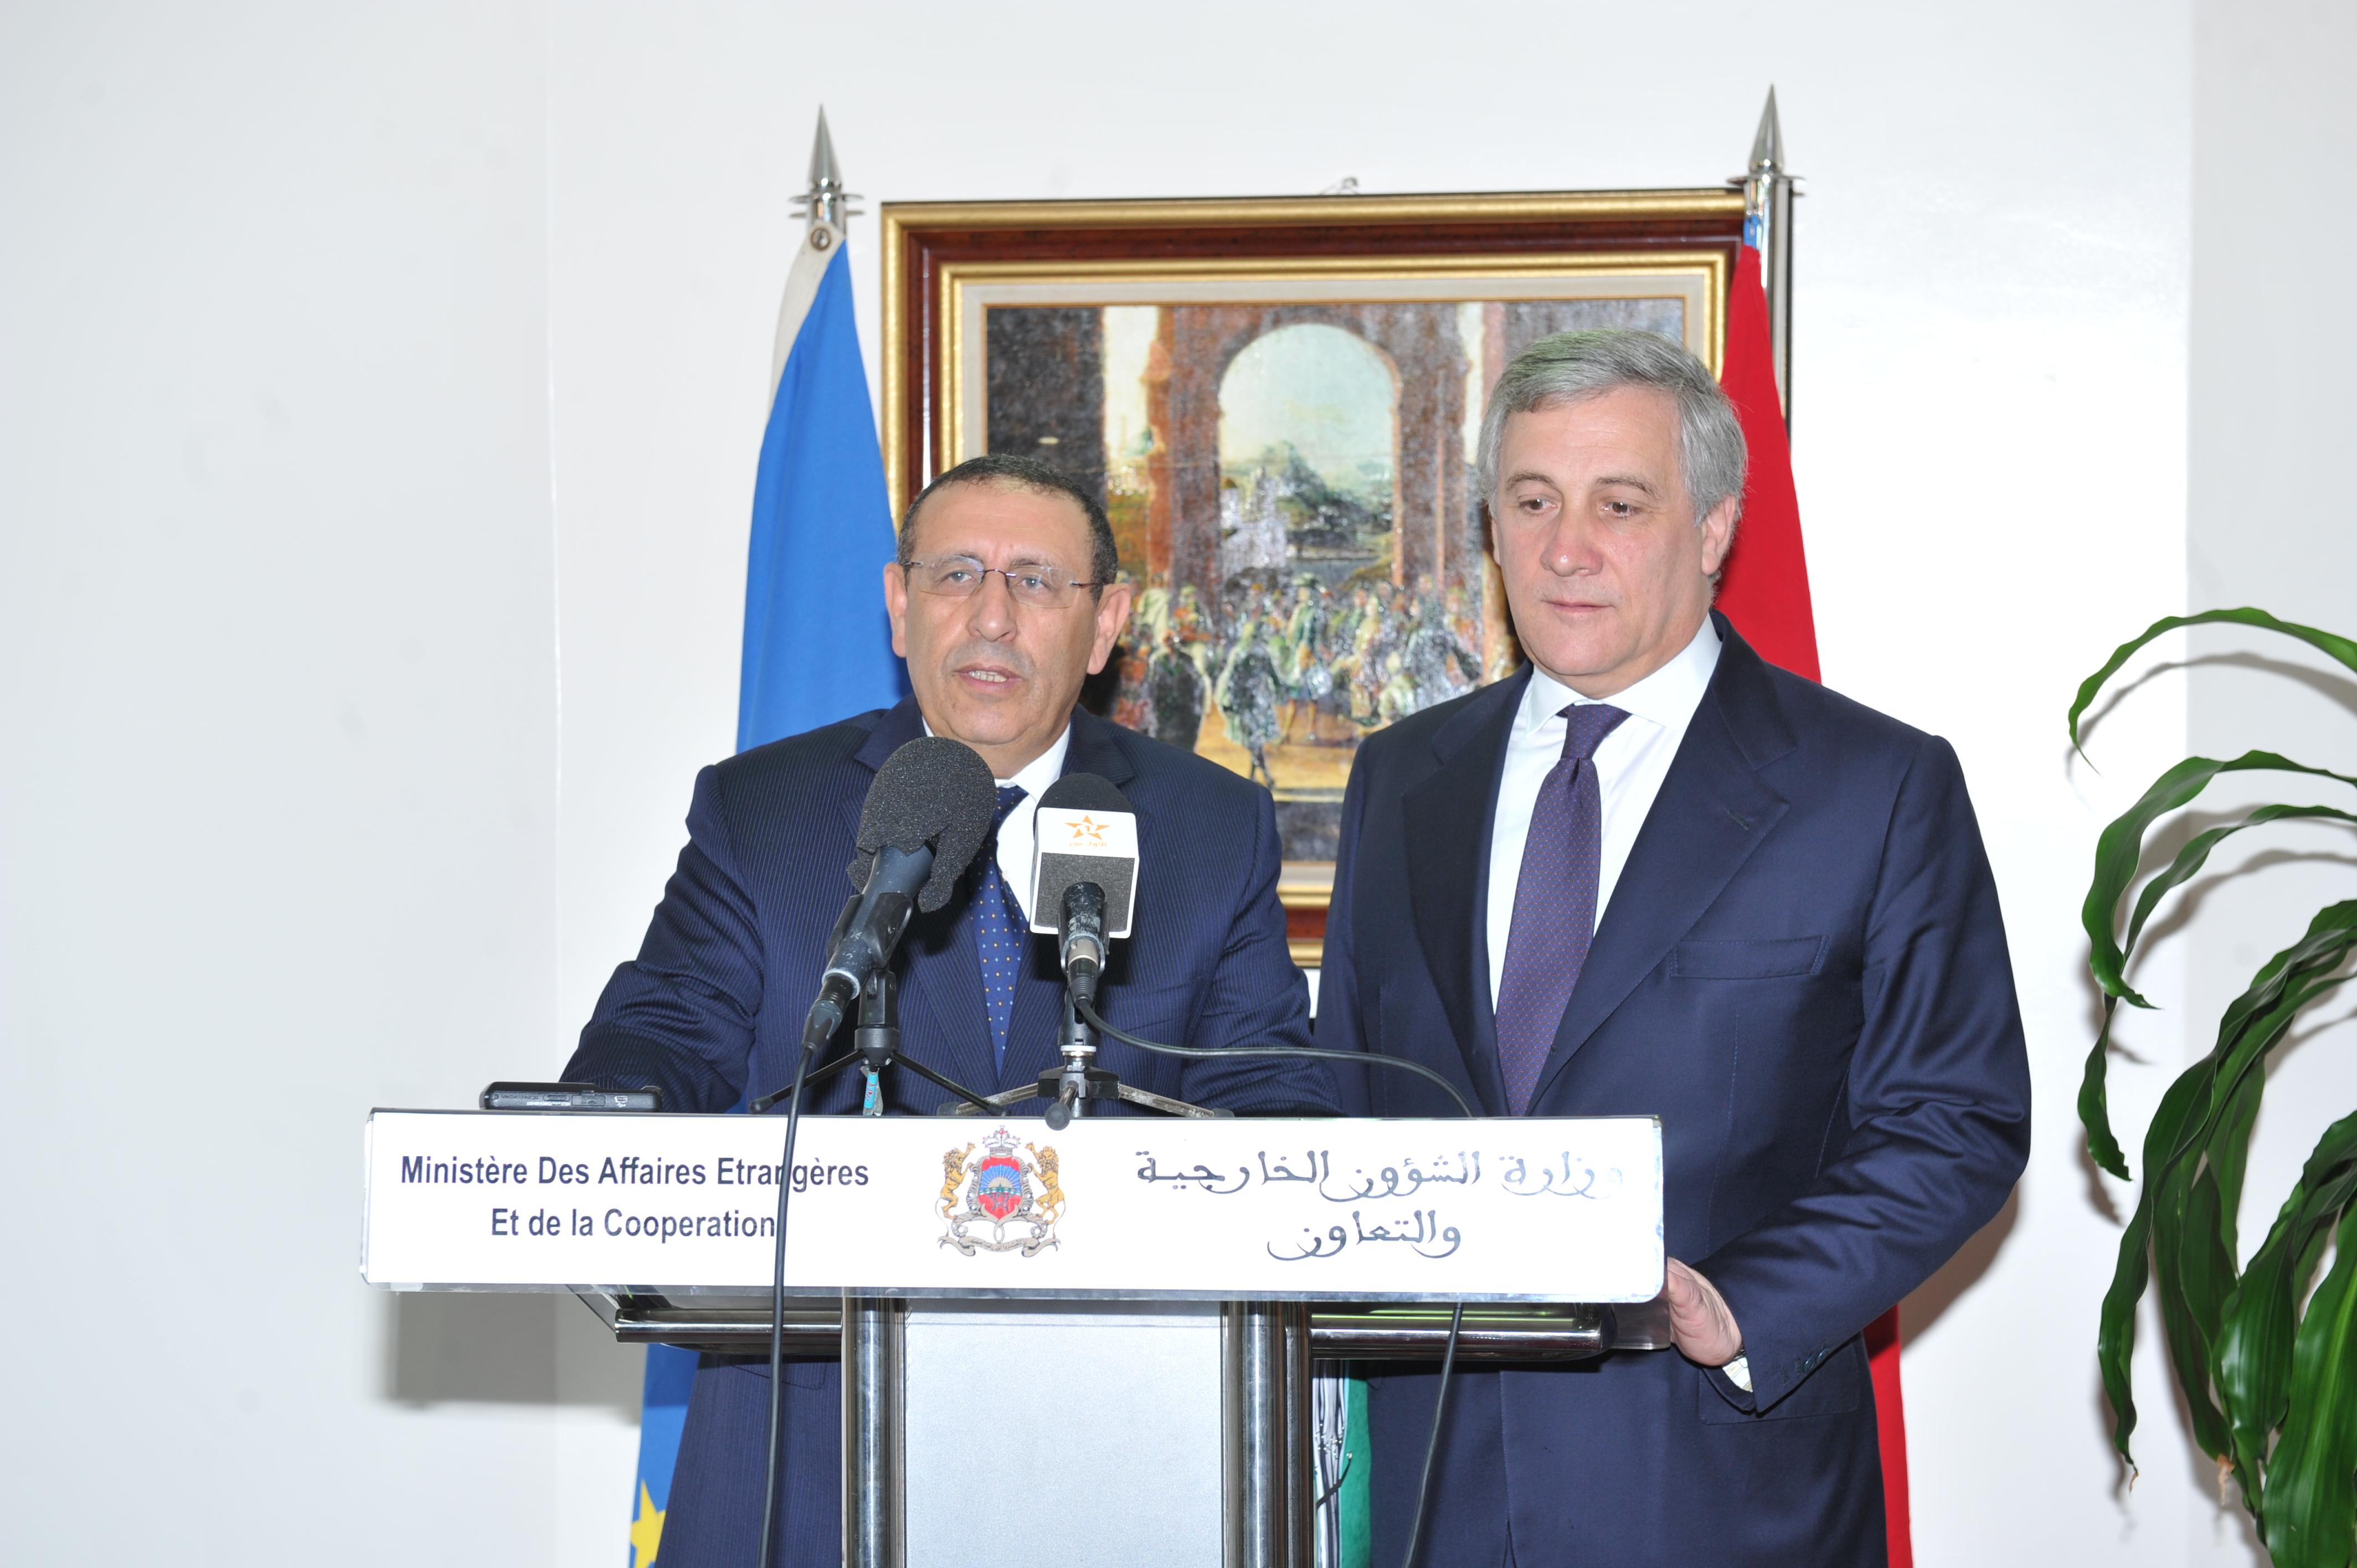 Intervention de Monsieur le Ministre Délégué à l'occasion de la visite de Monsieur A. TAJANI